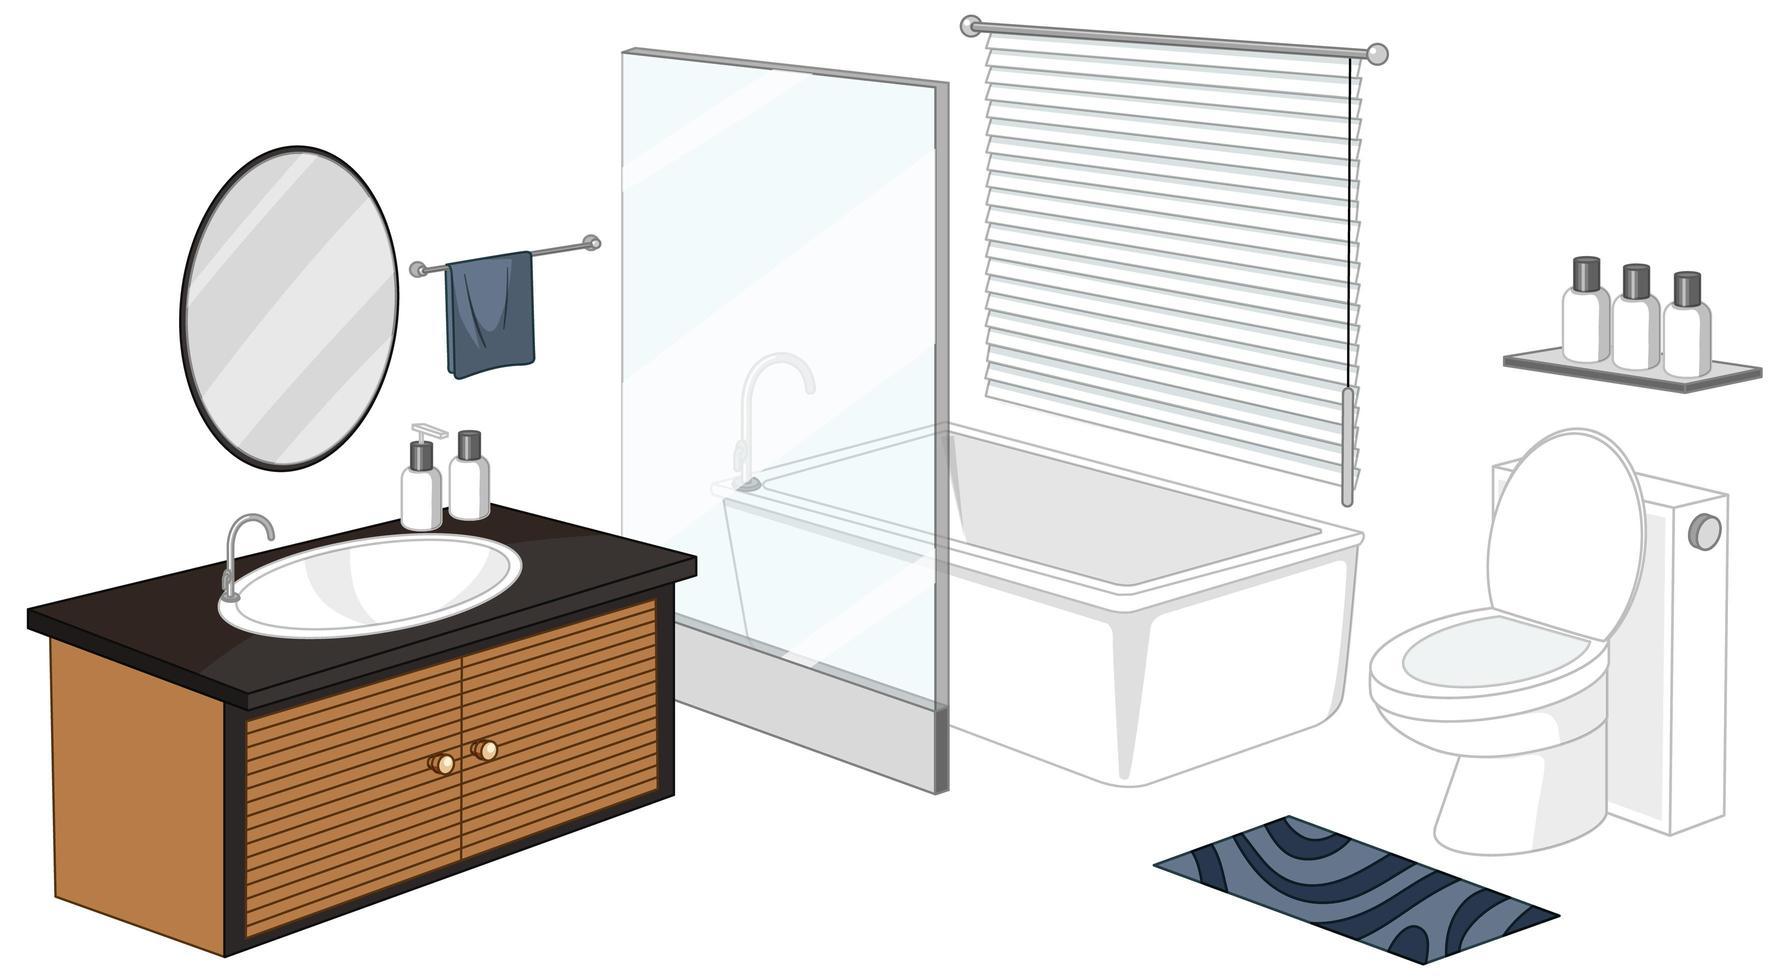 badrumsmöbler isolerad på vit bakgrund vektor